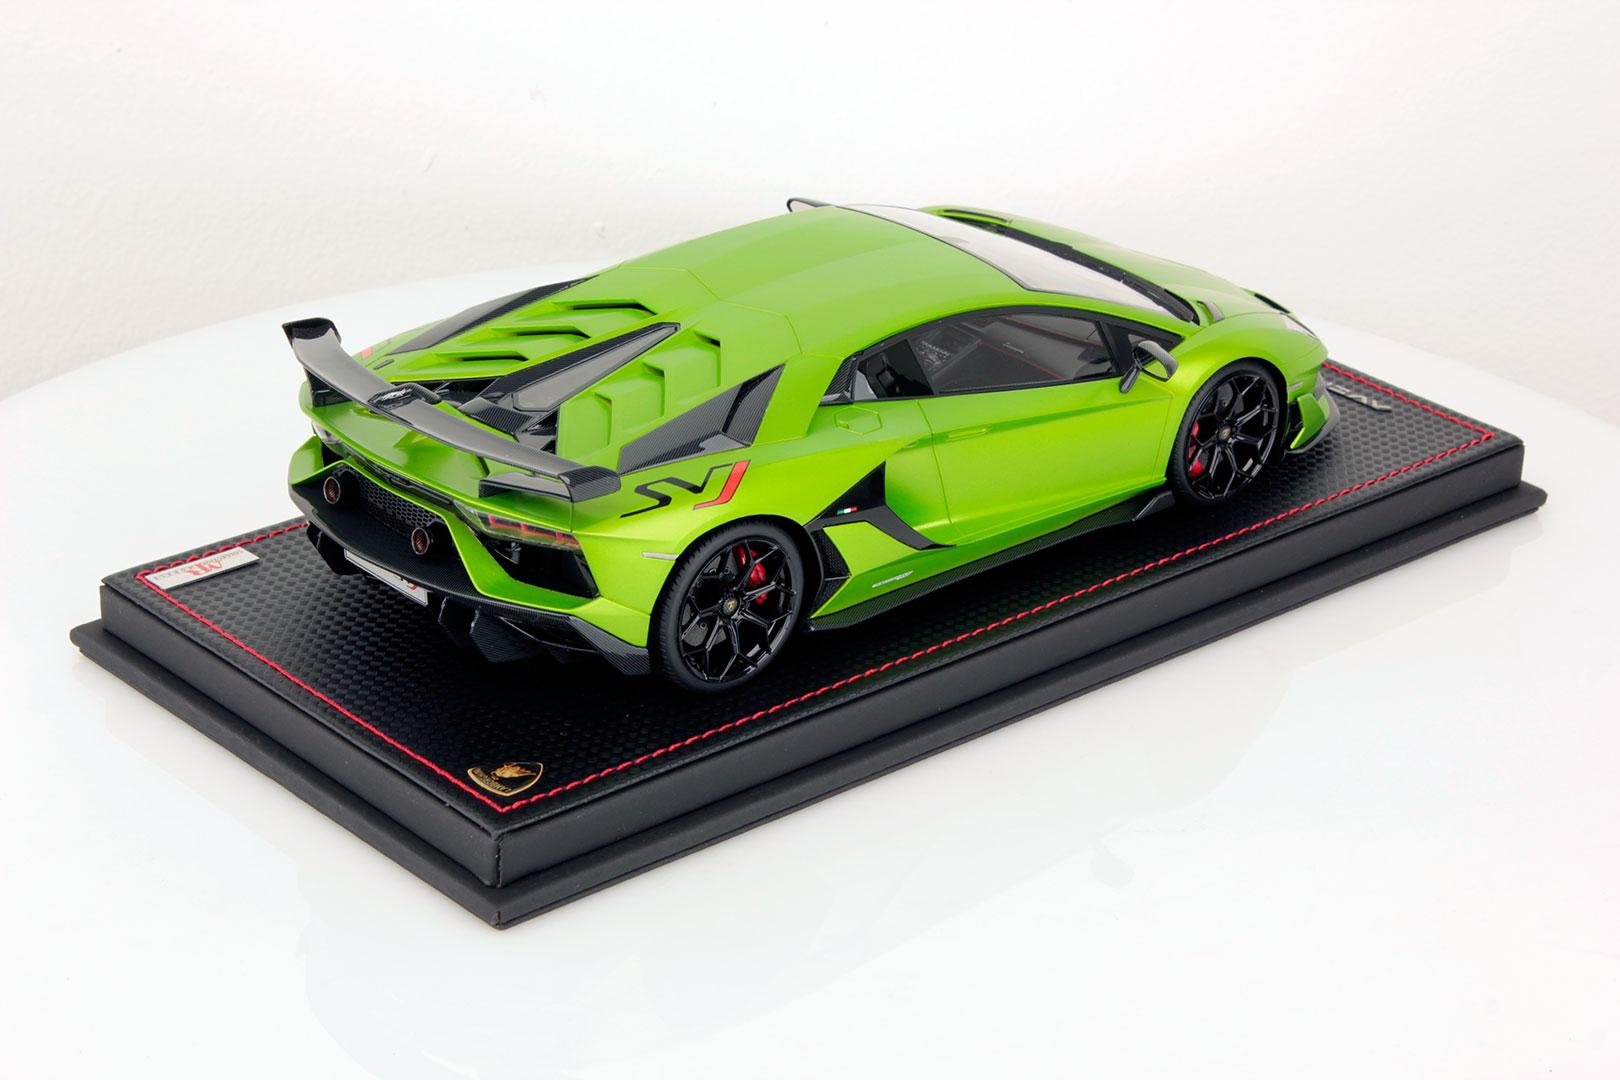 Lamborghini Aventador Svj 1 18 Mr Collection Models